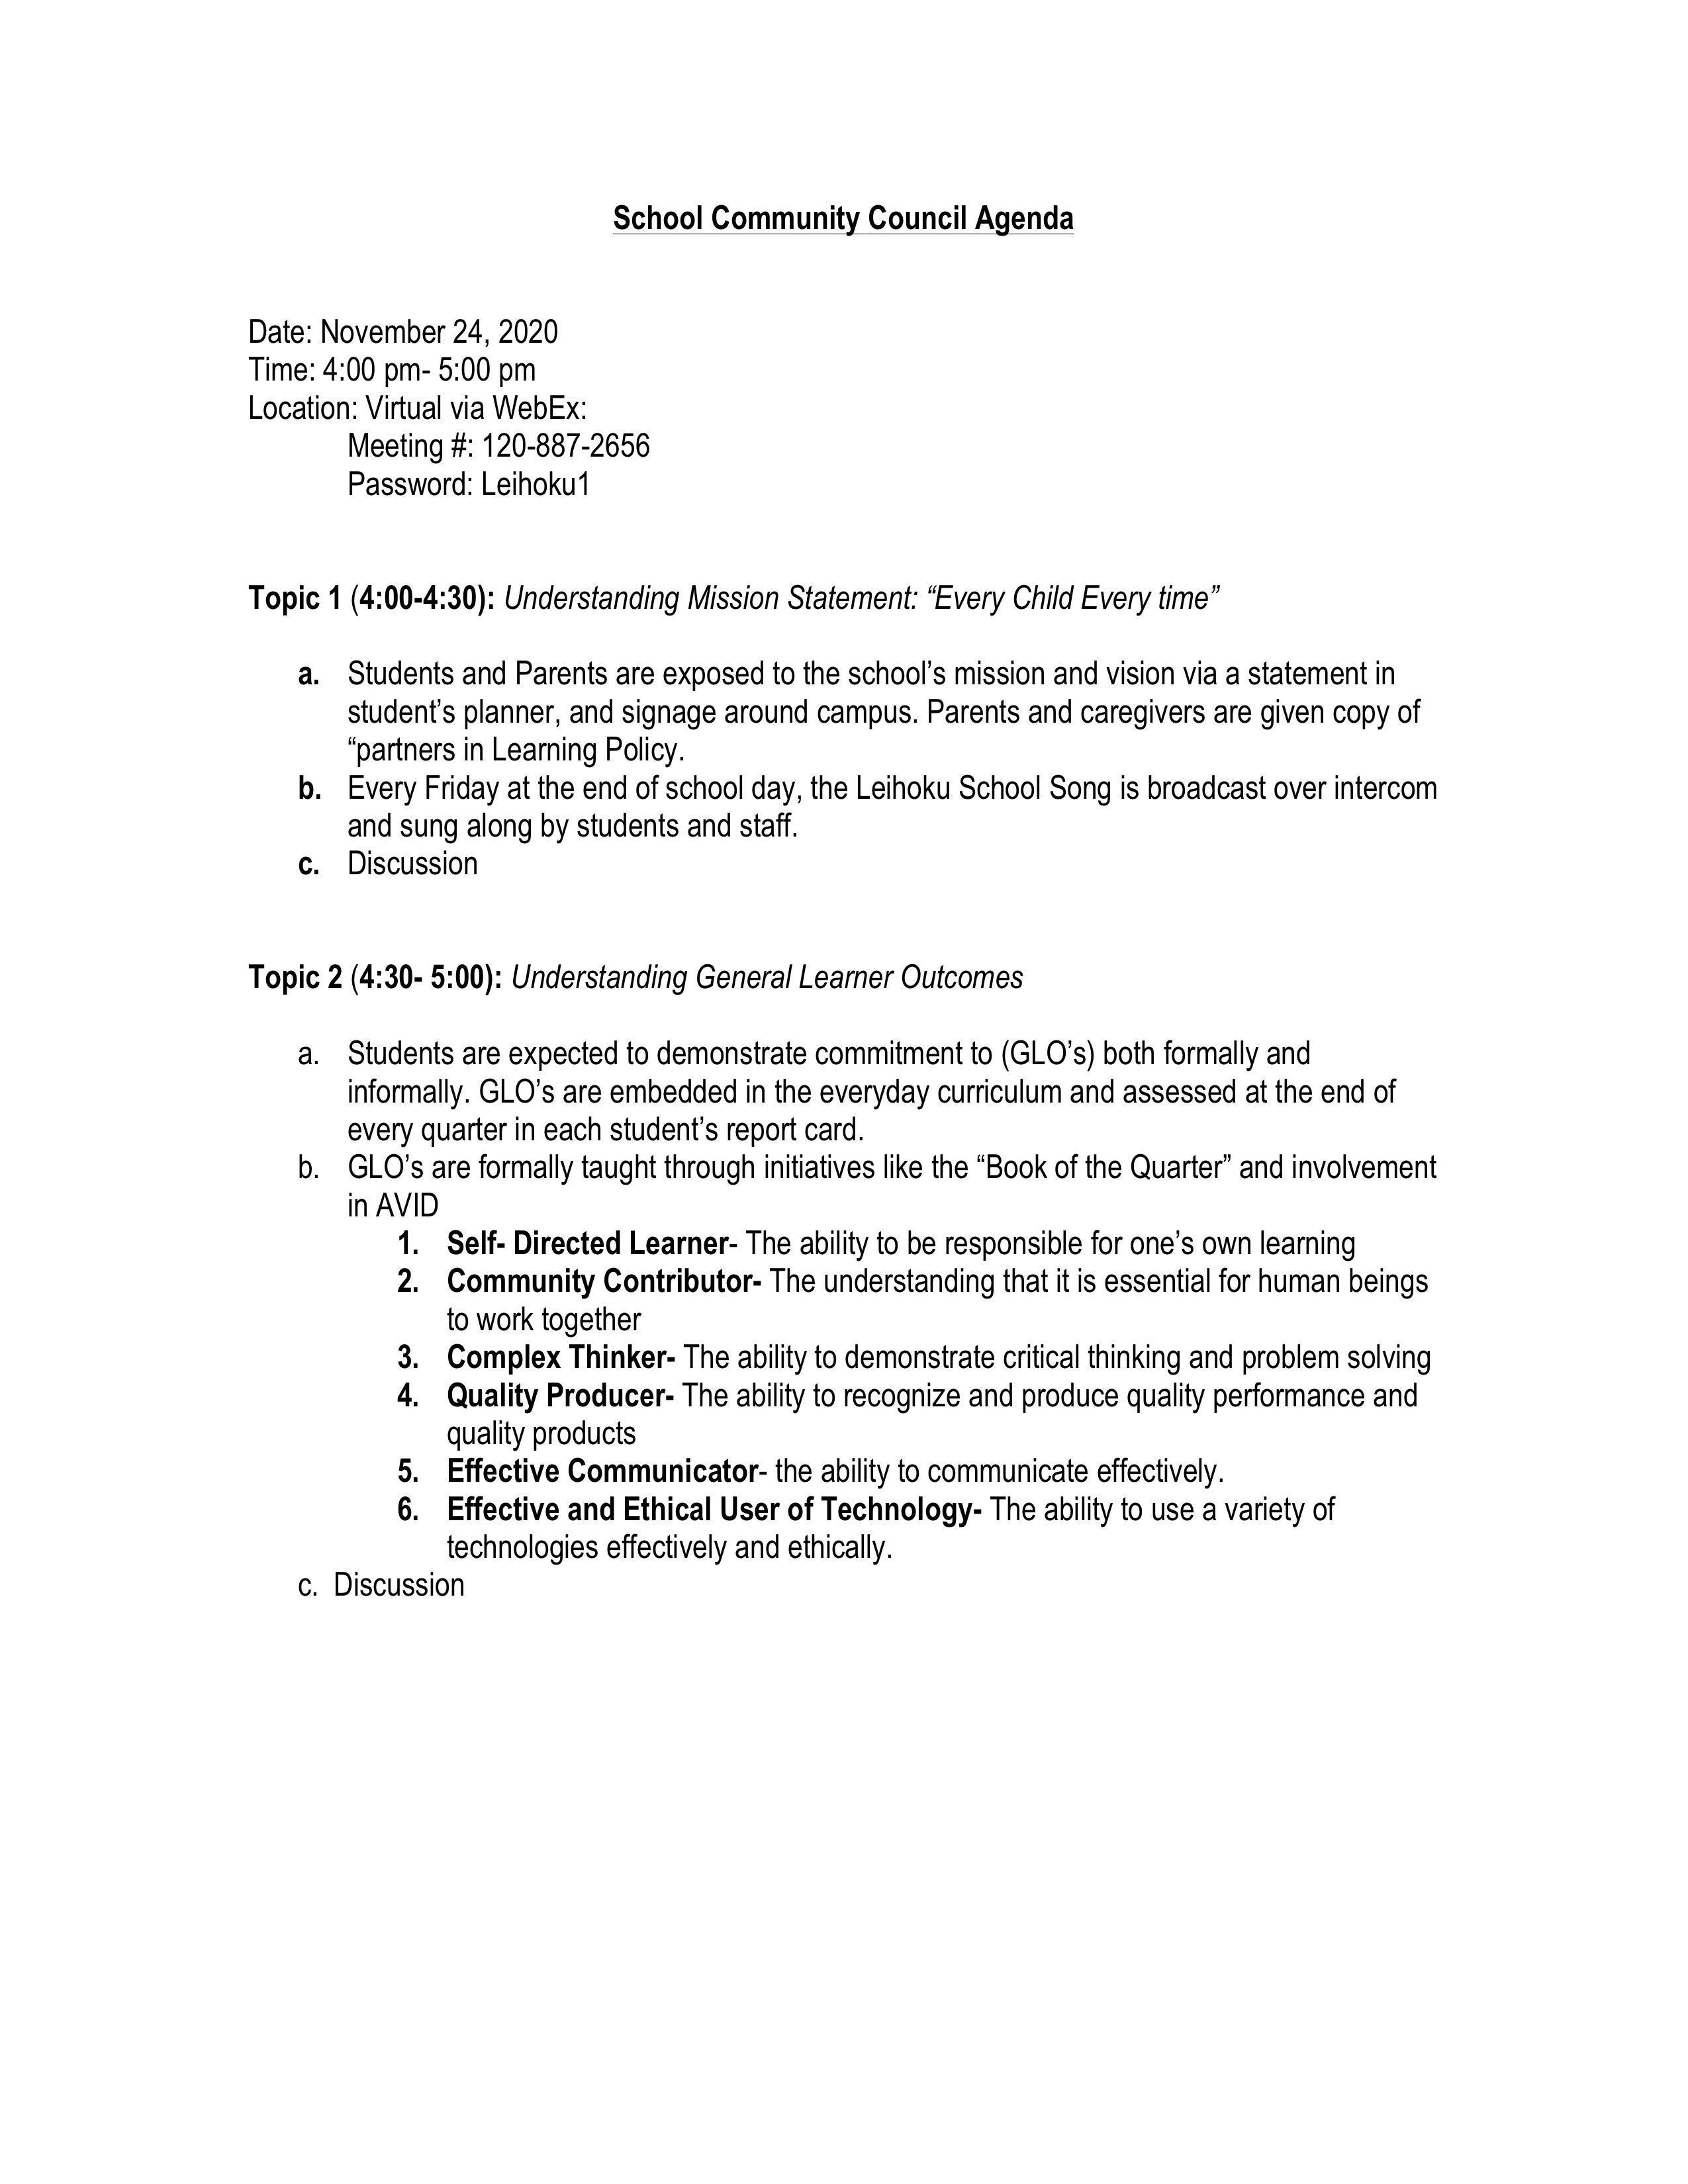 Leihoku_SCC_Agenda_11_24_2020